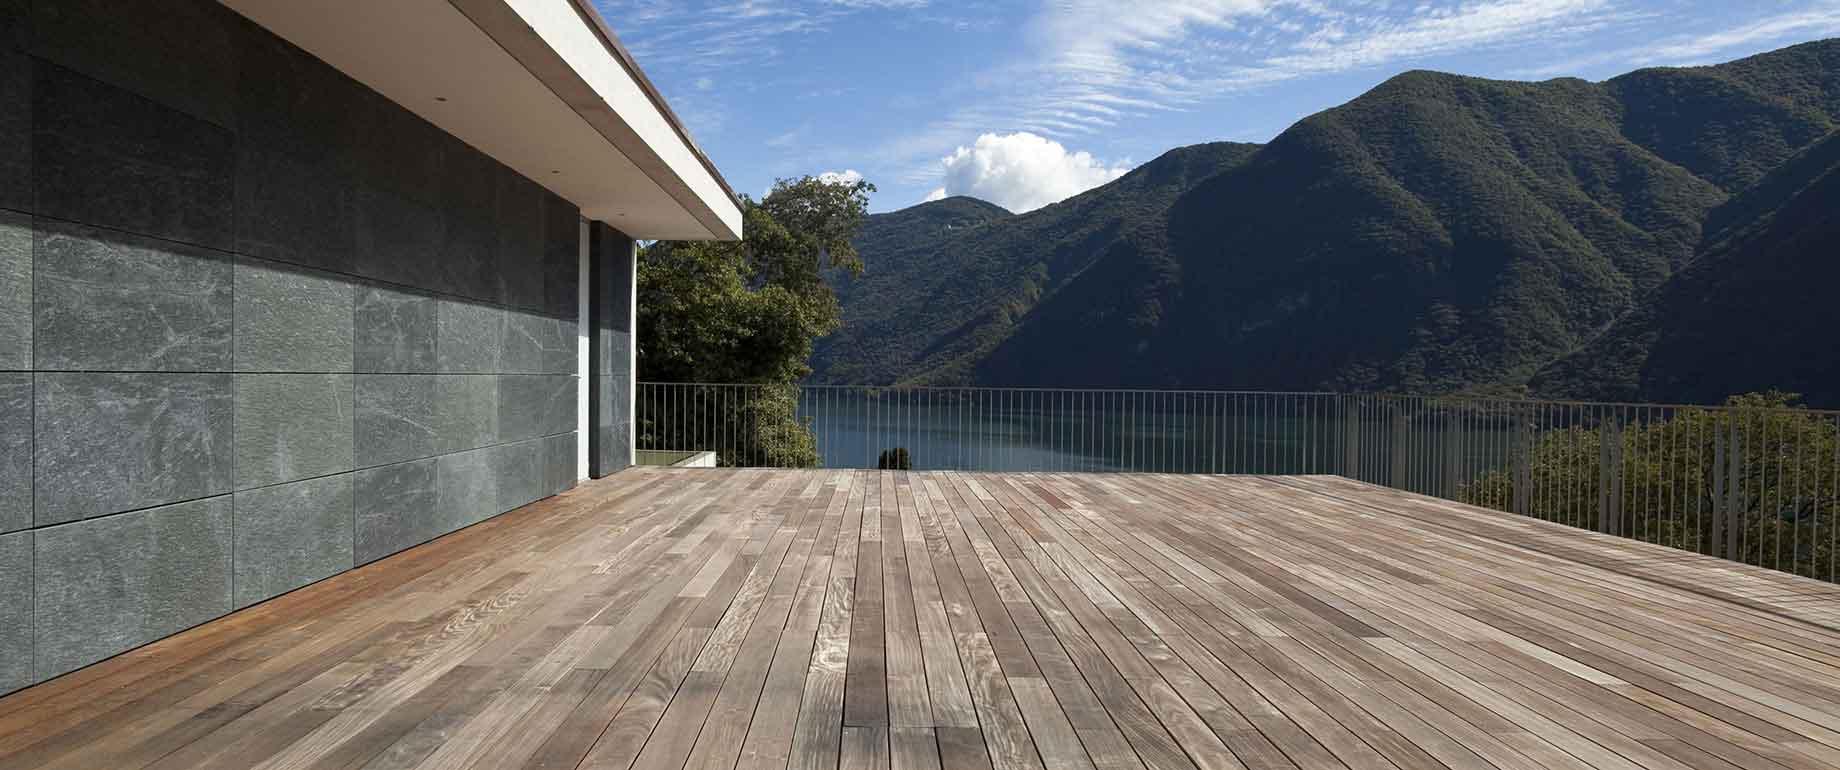 Terrassenbau3